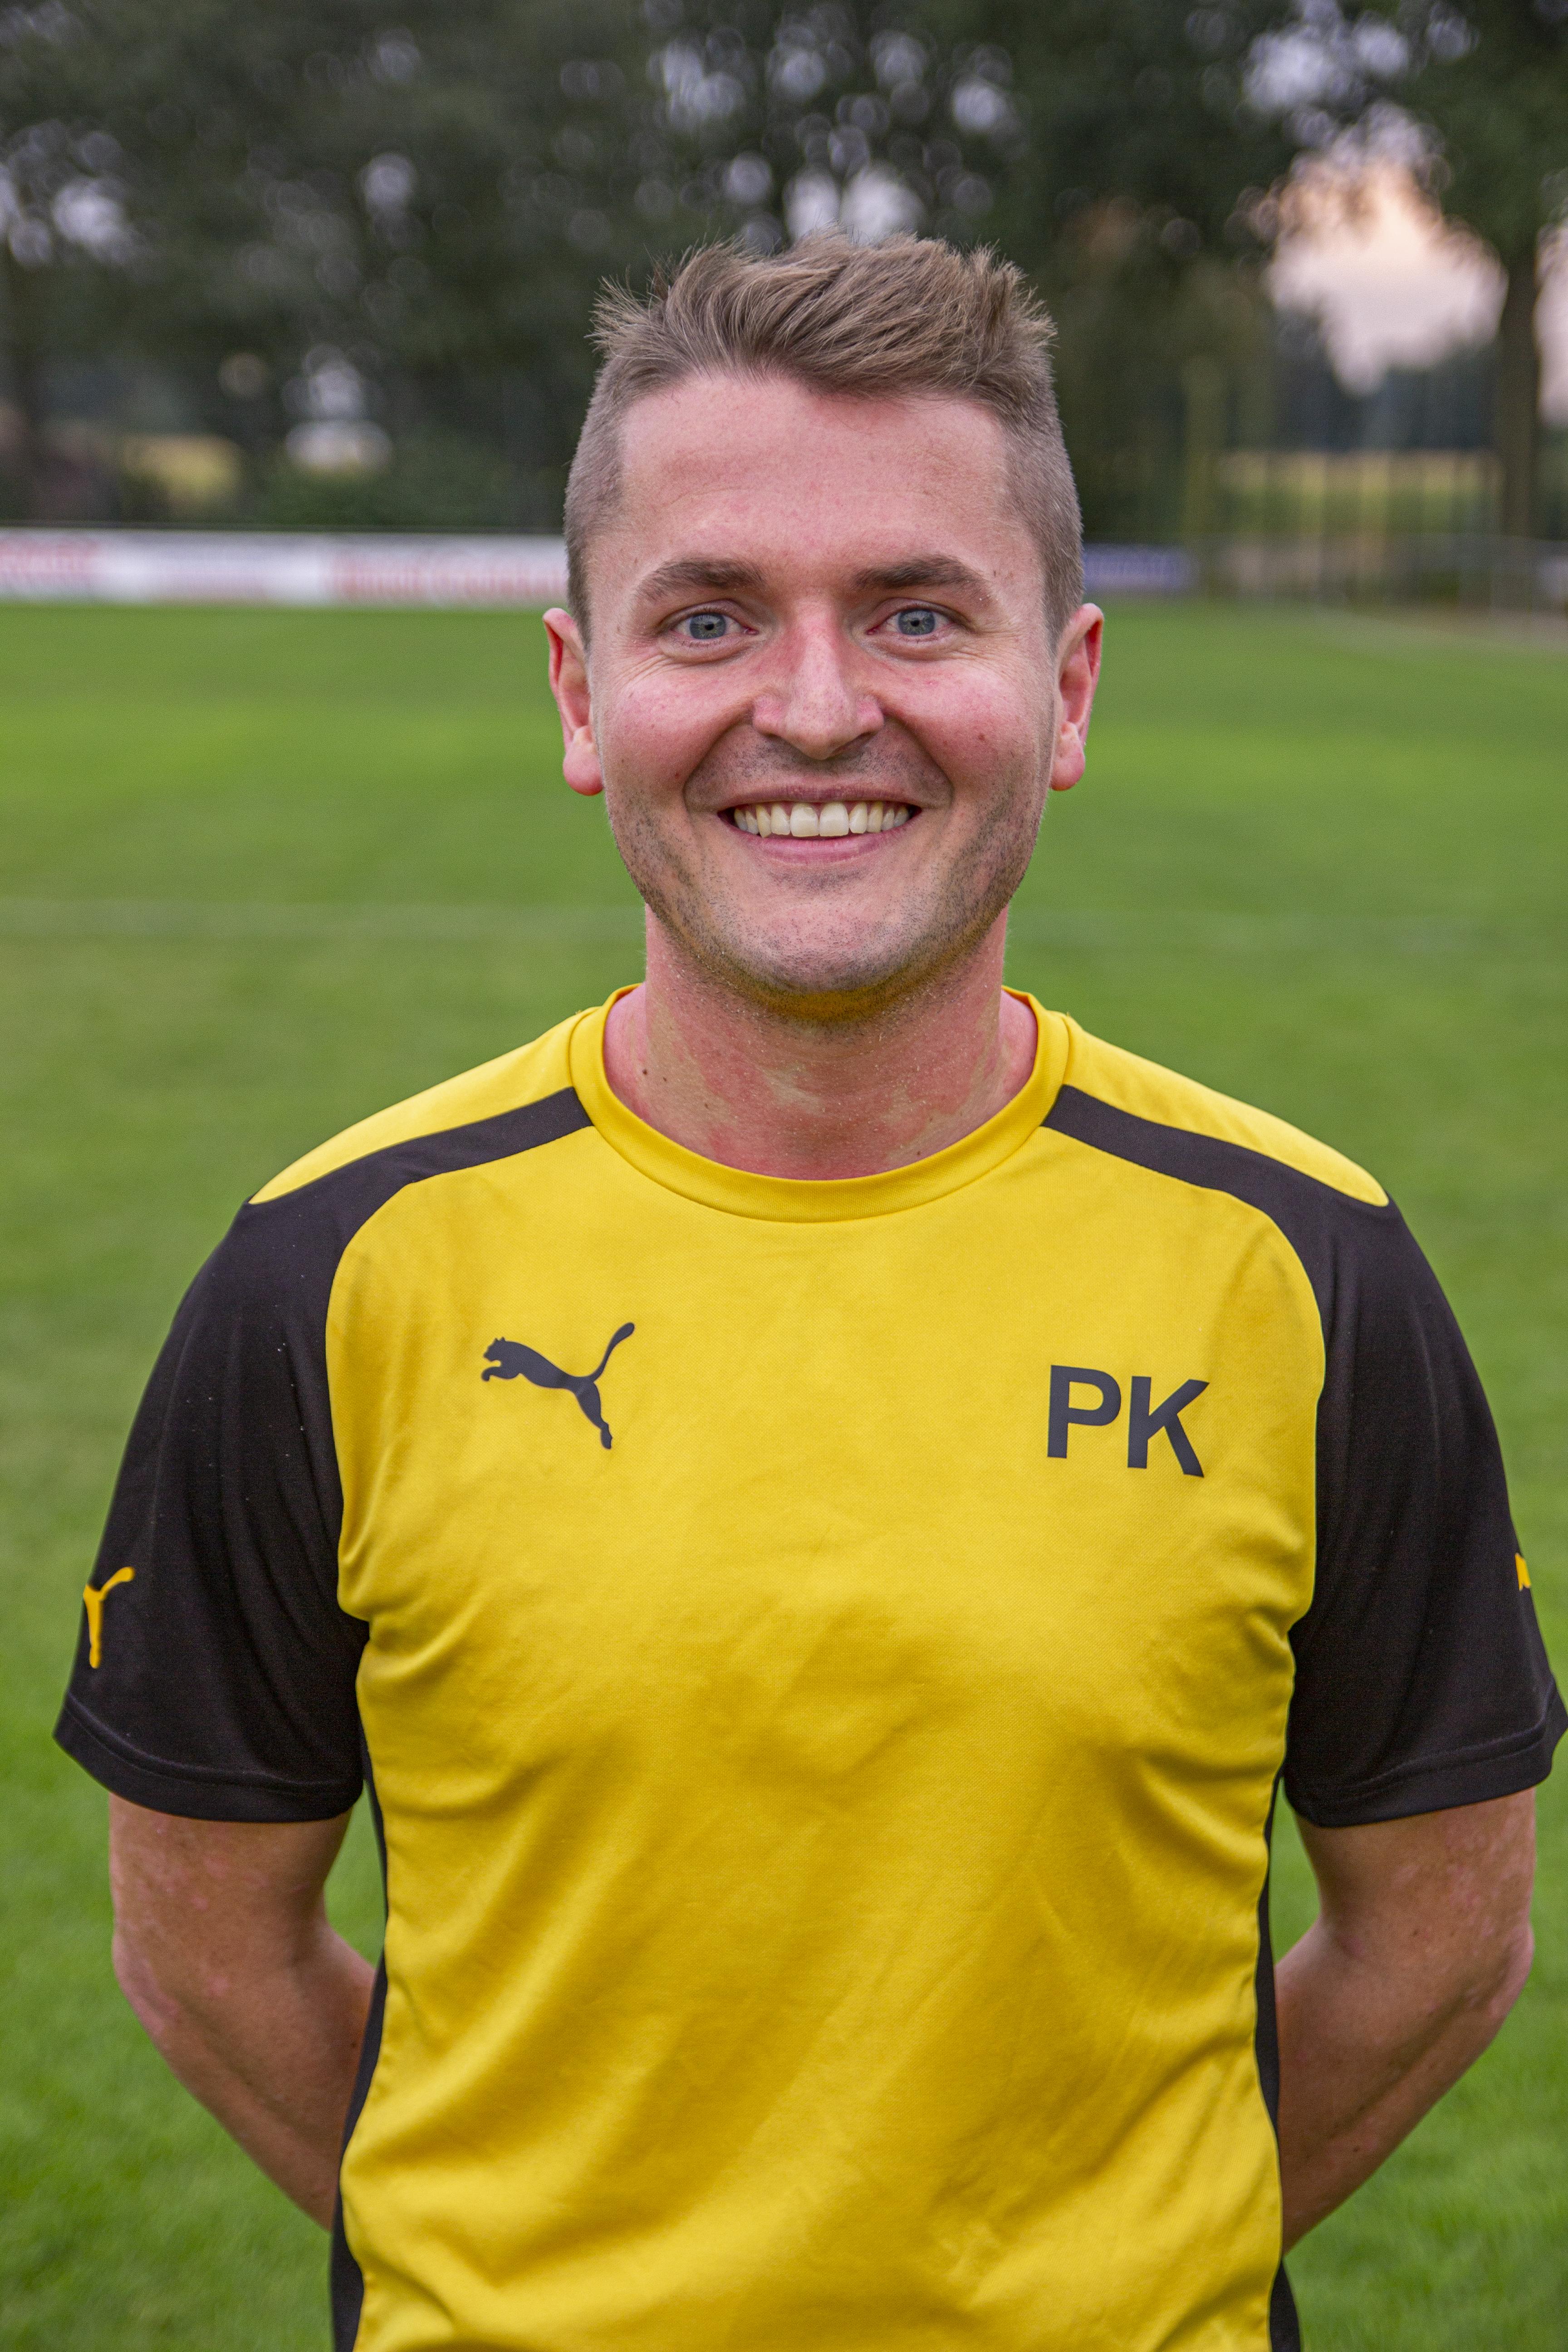 Philipp Kornfeld